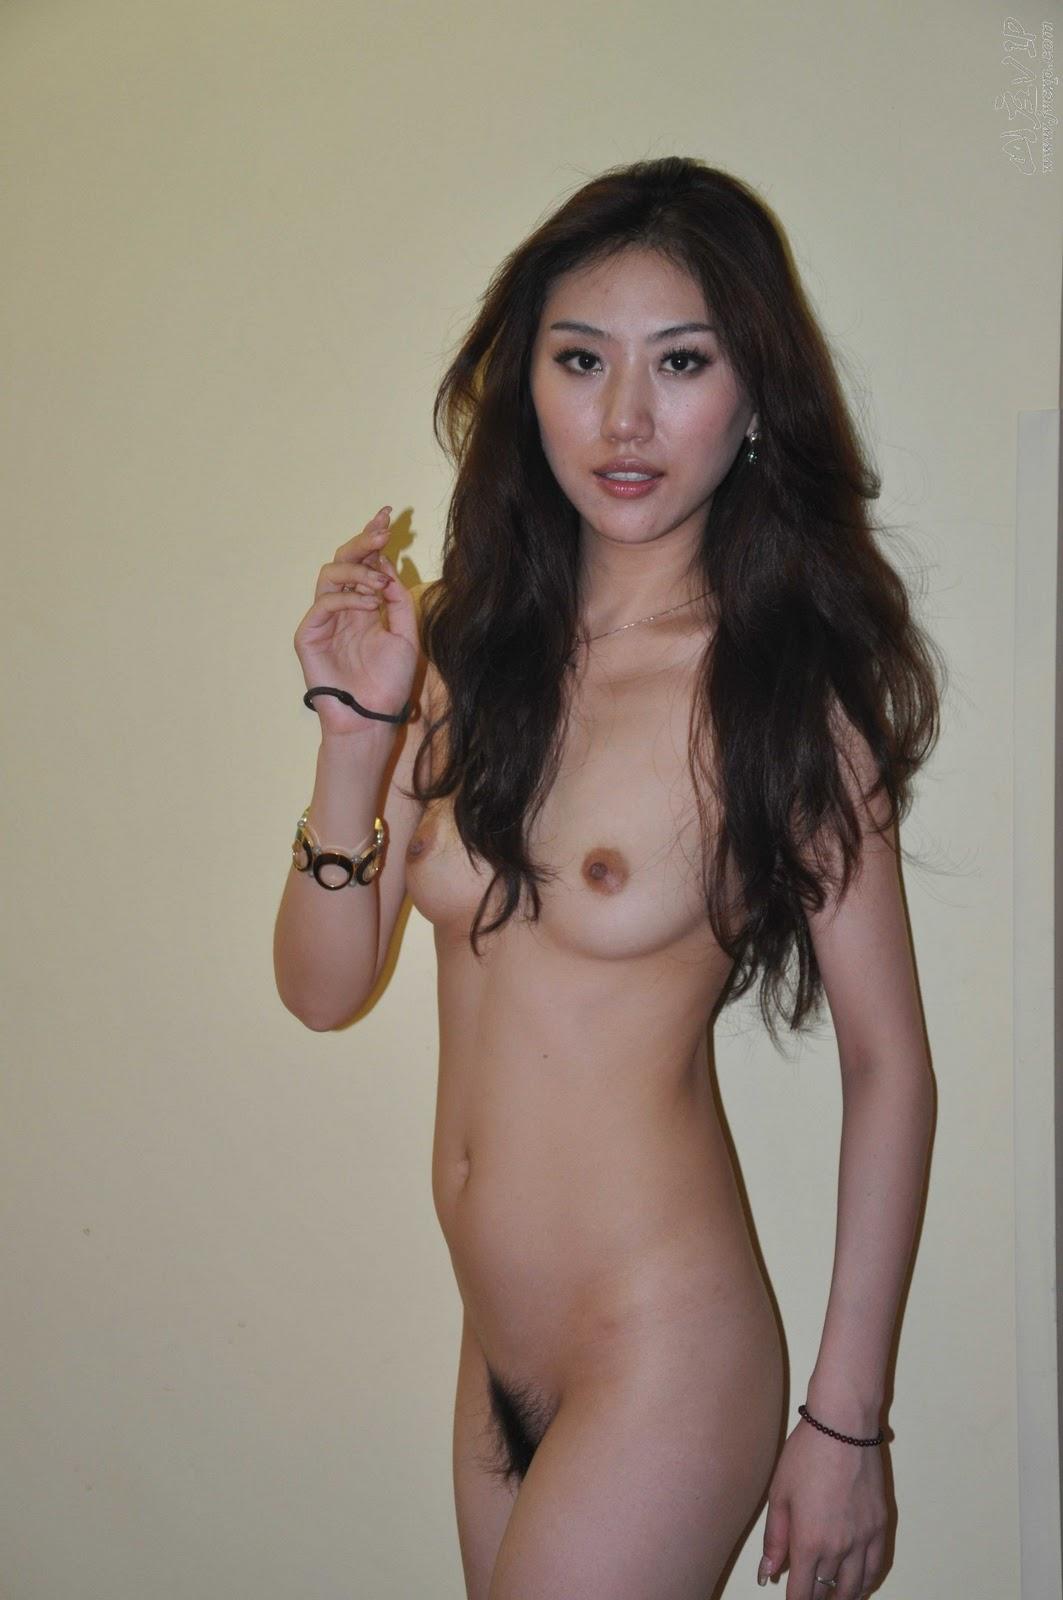 Bikini Hello Kitty Nude Scenes